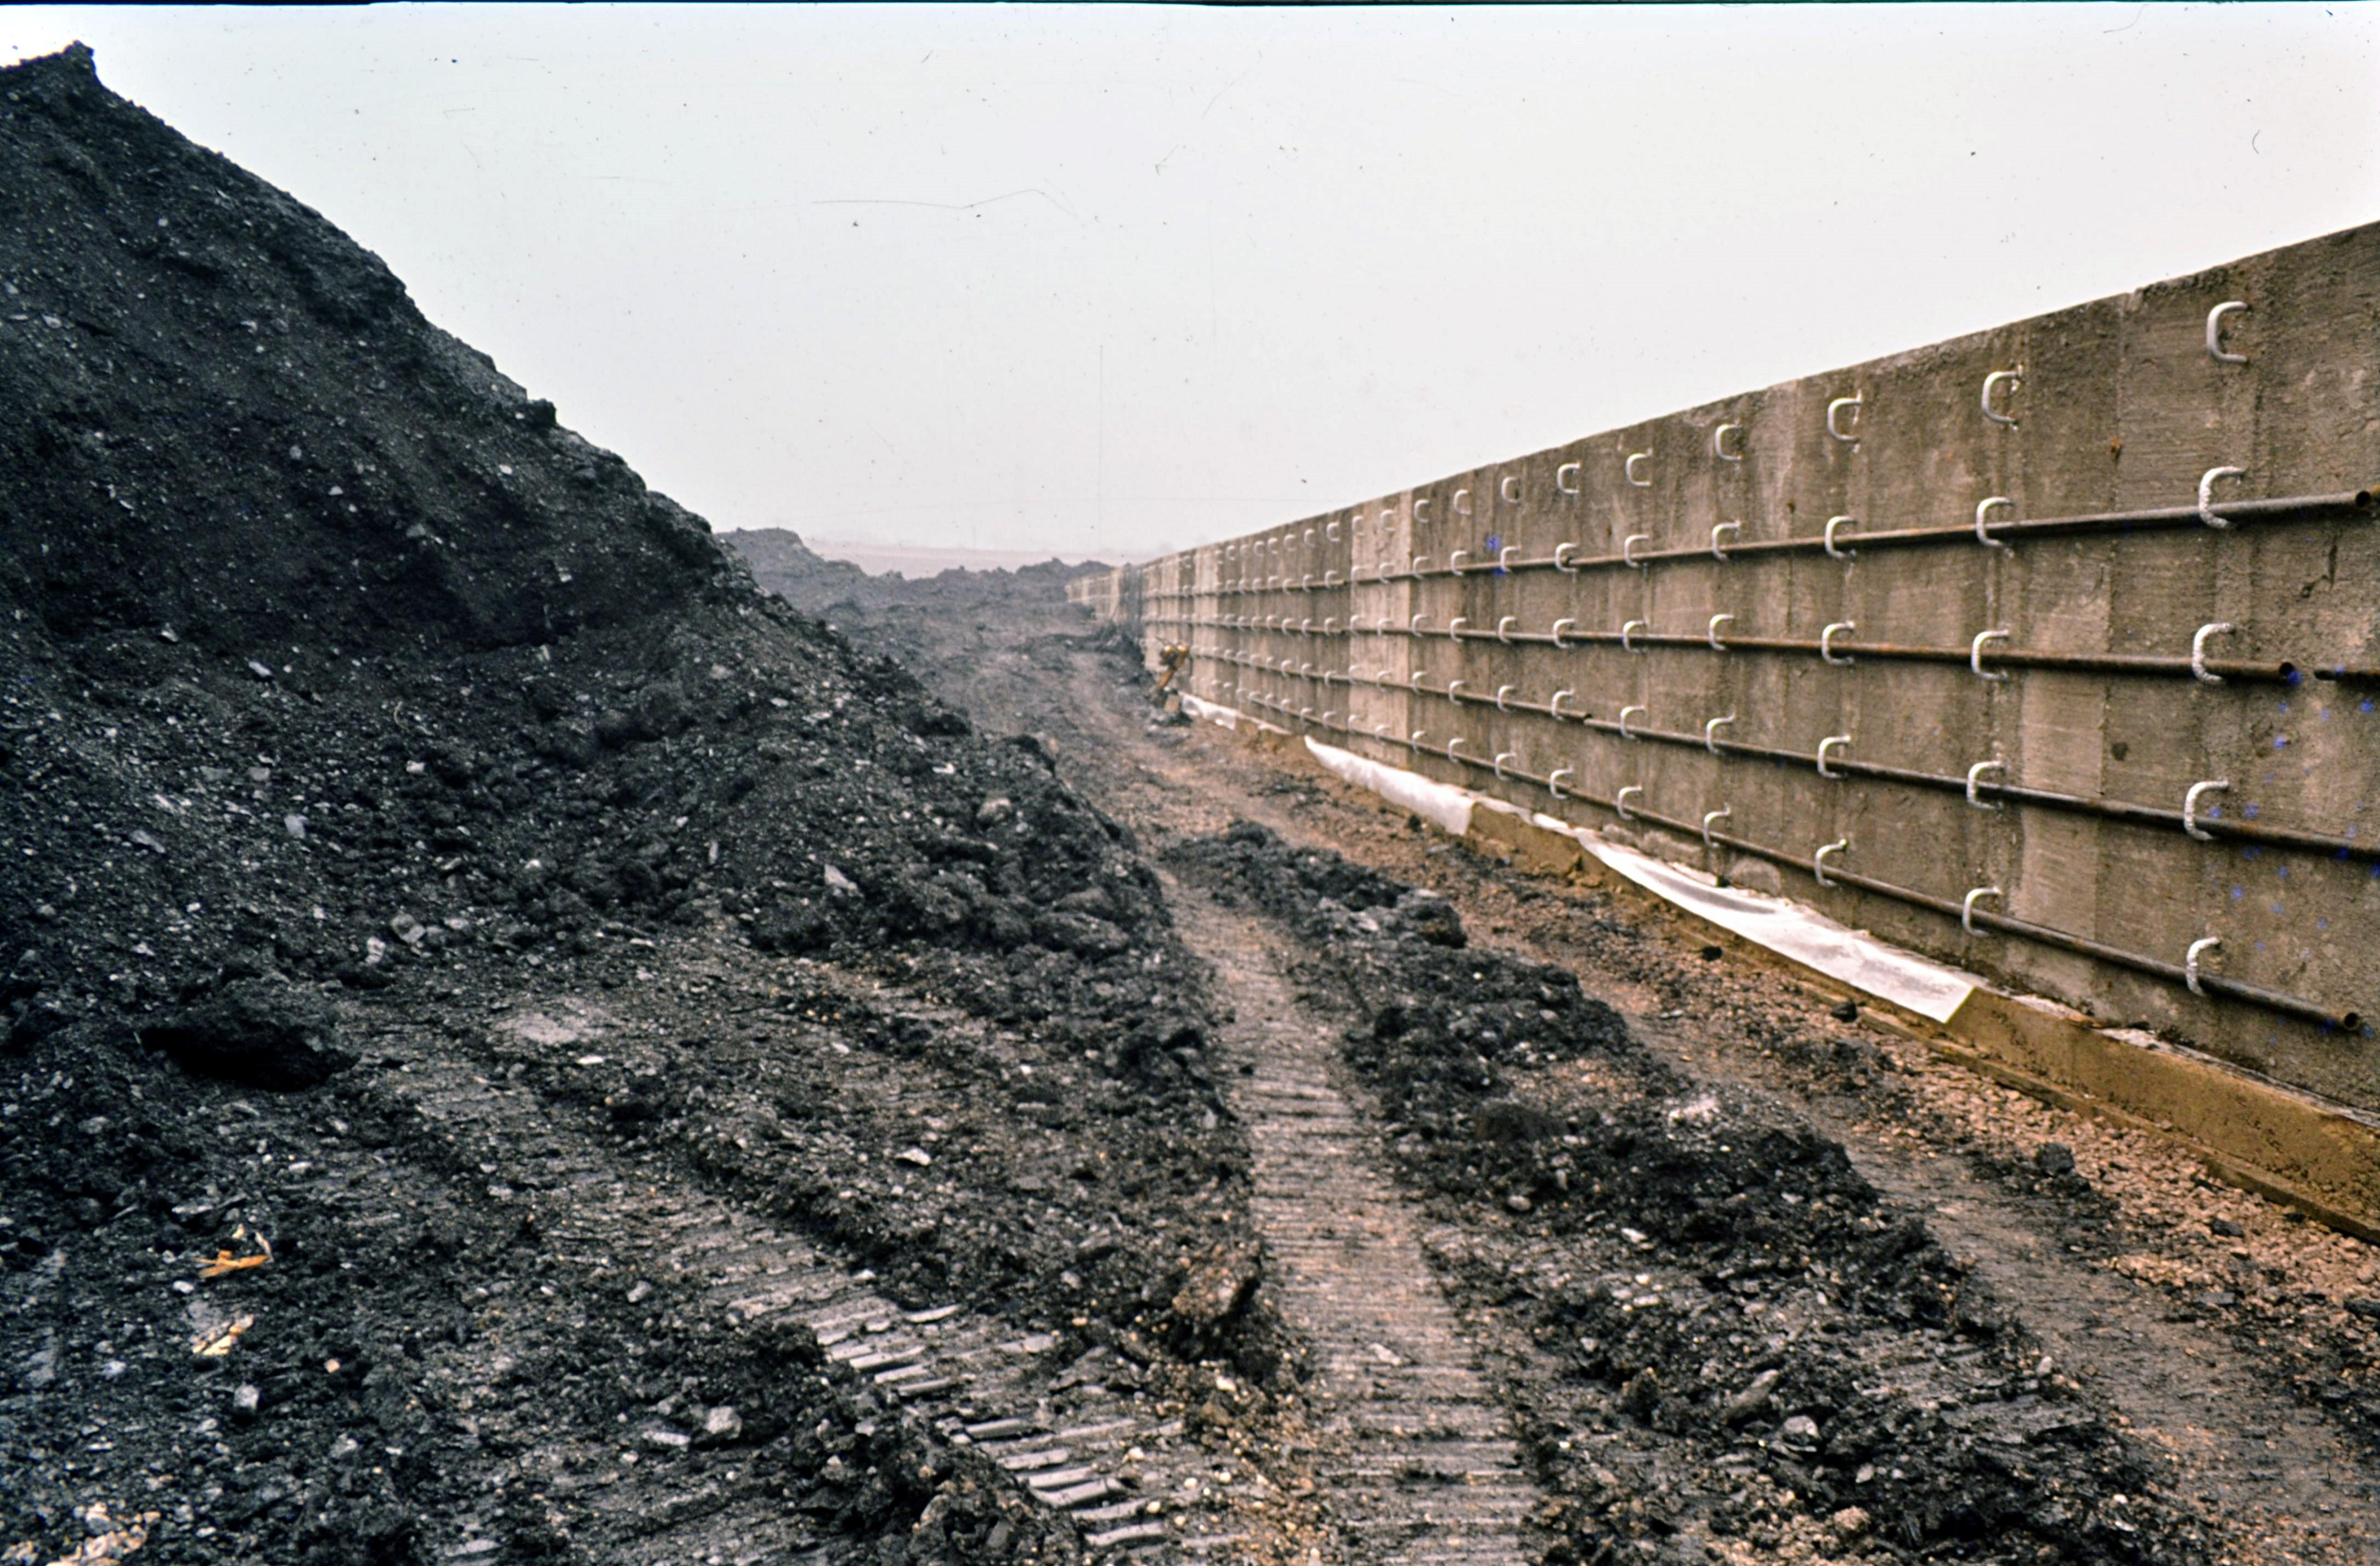 Silkstone-colliery-tensar